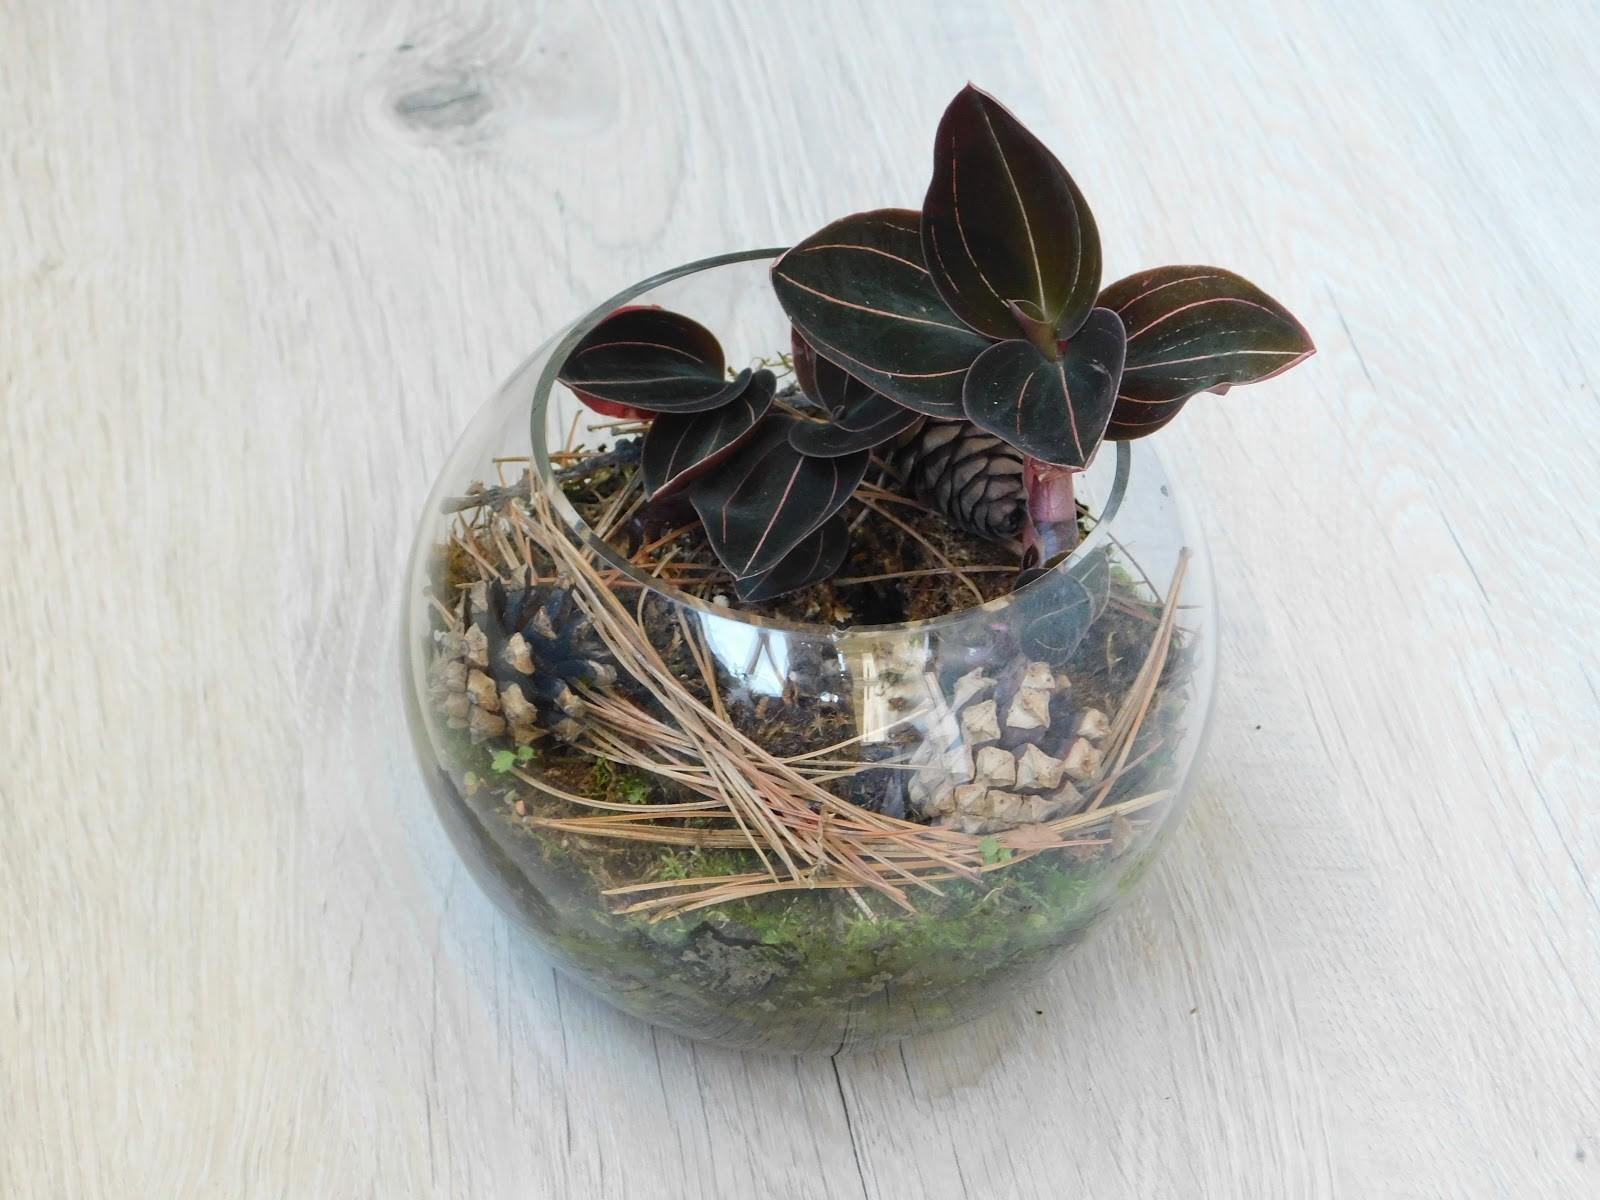 При посадке во флорариум дренажный слой нужно делать высоким